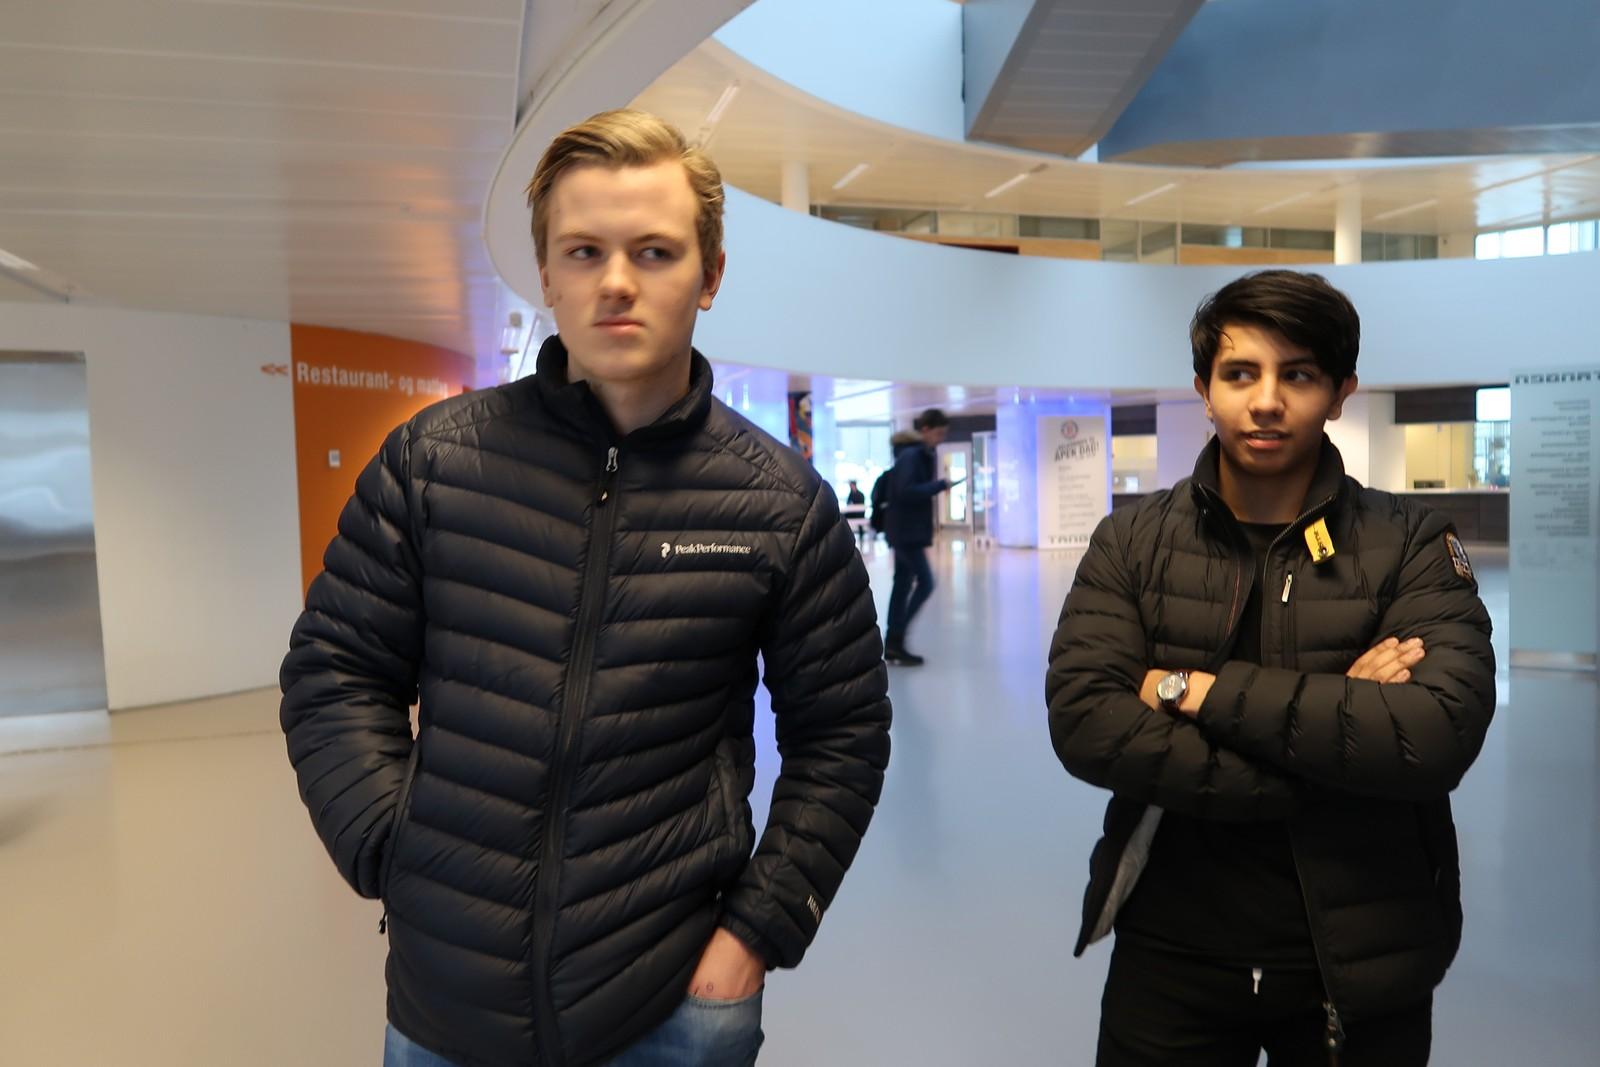 Kameratene Daniel Ingebretsen og Peter Jakobsen har på seg gode vinterjakker, men har lave, hvite sko. De mener man blir «automatisk teit» om man har på seg vintersko.